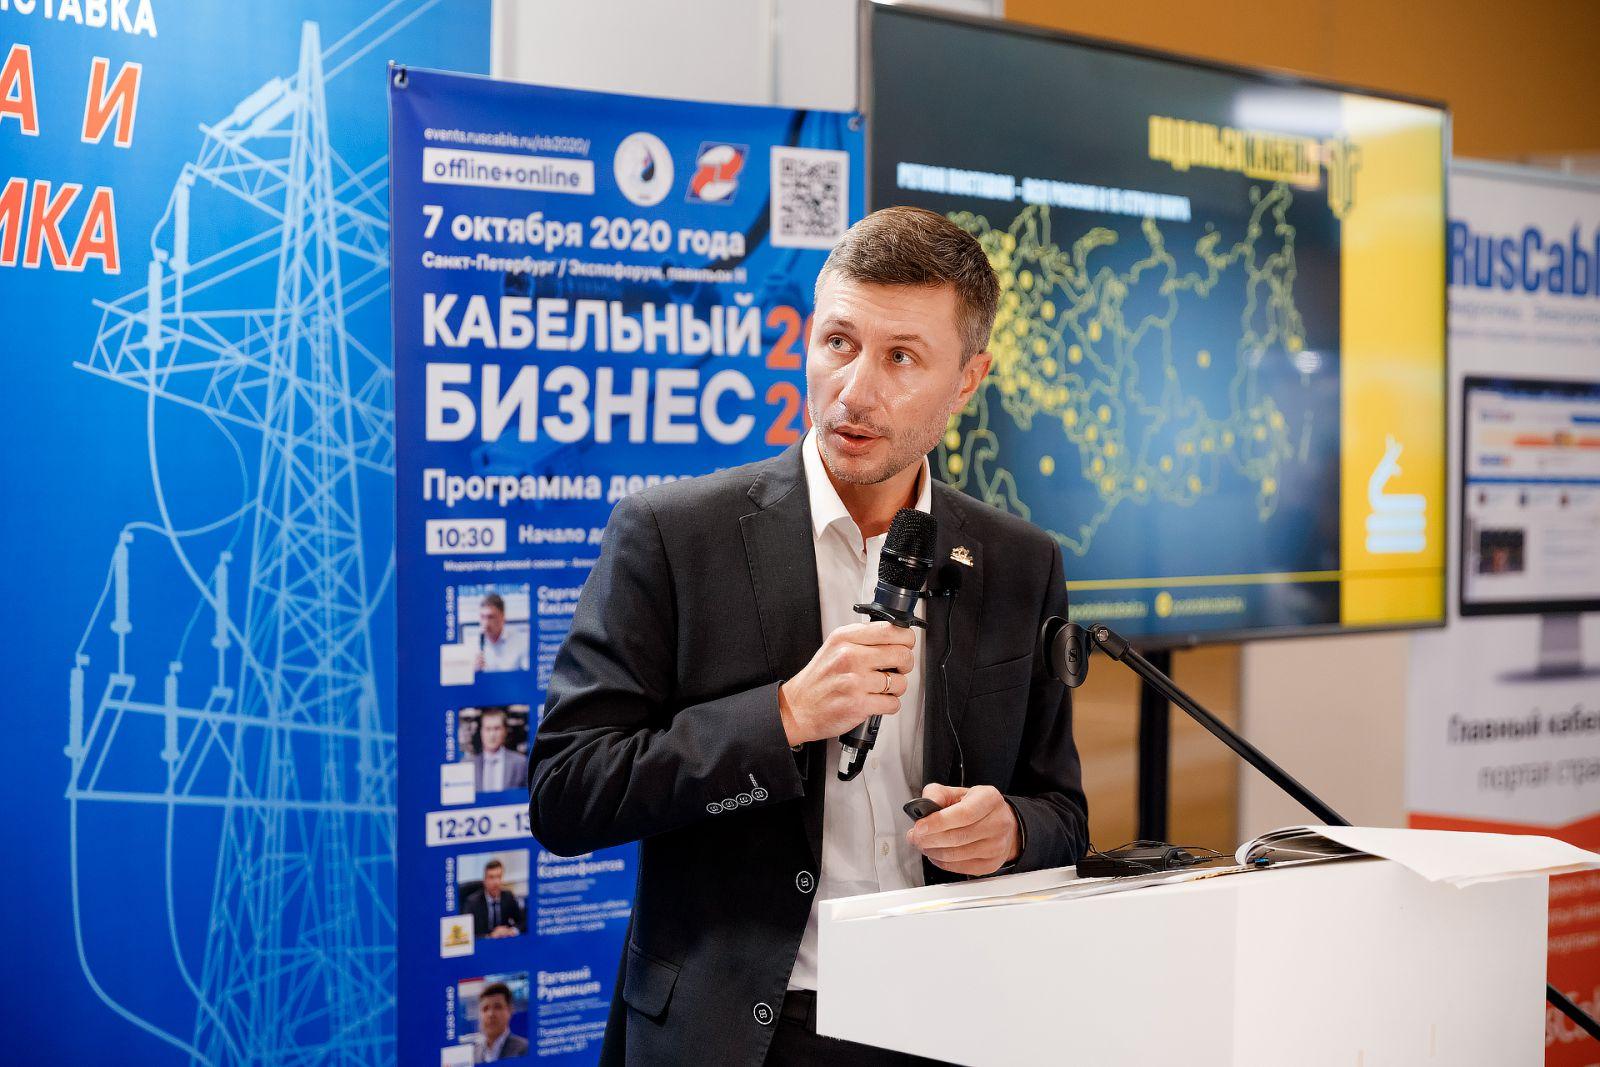 Алексей Ксенофонтов